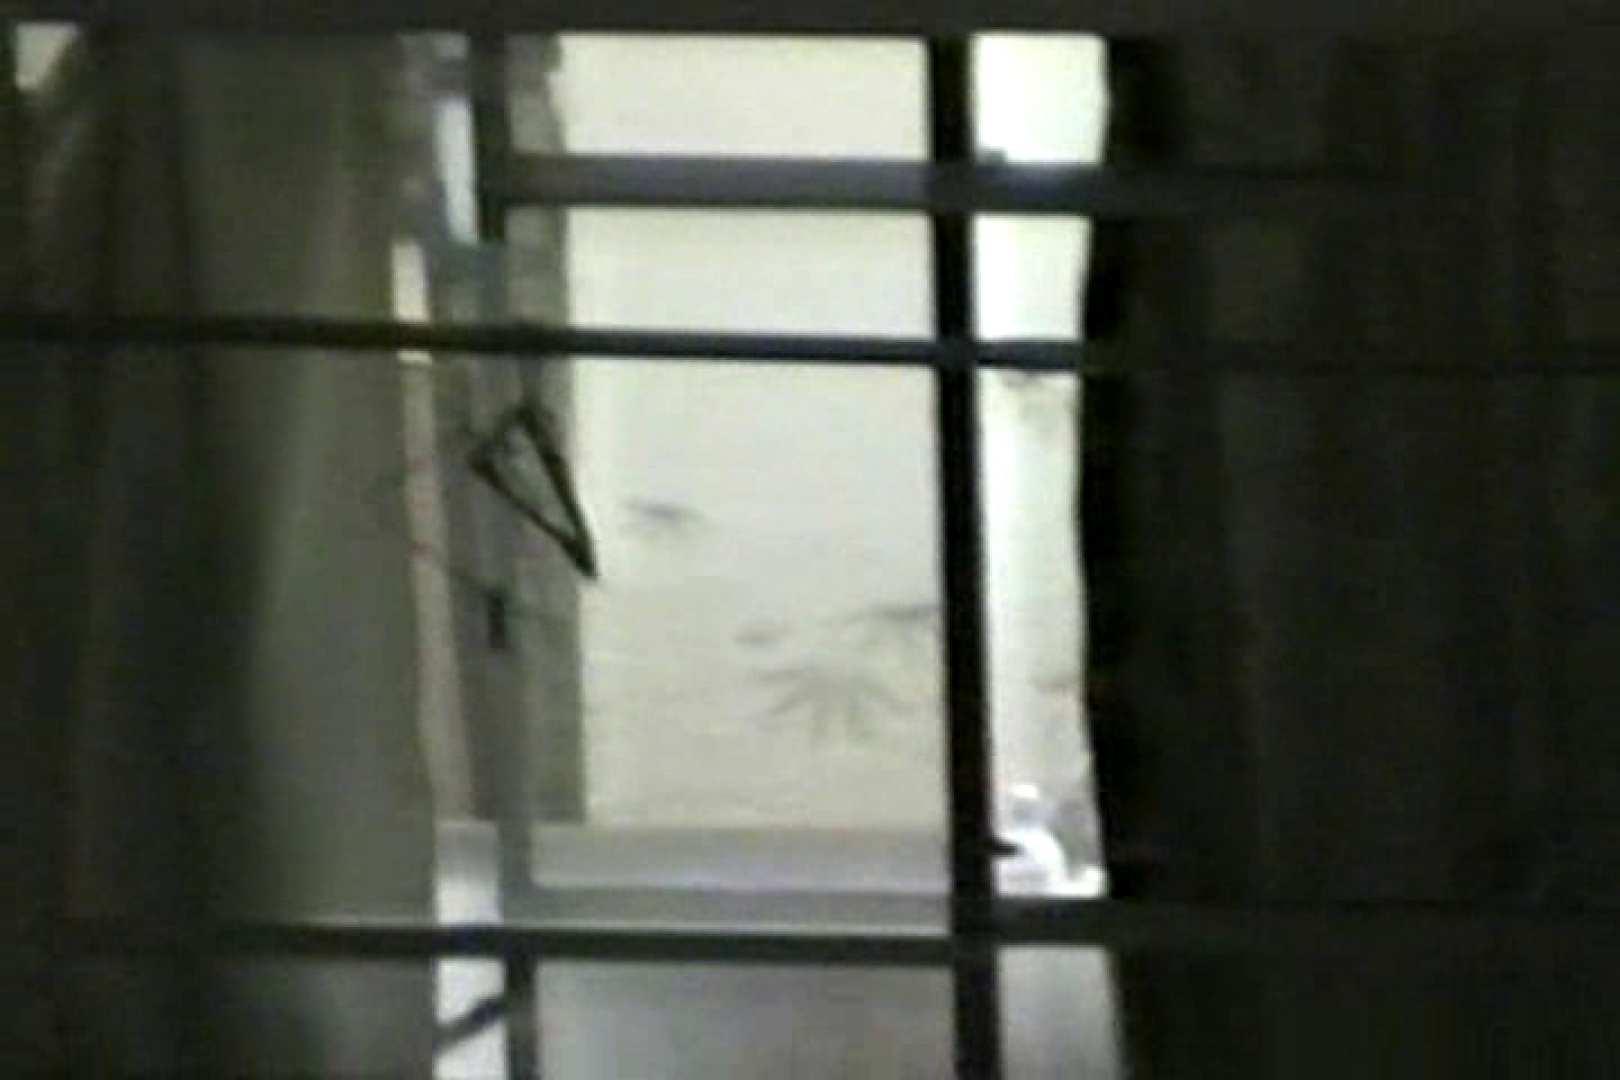 究極の民家覗き撮りVol.4 美しいOLの裸体  73pic 36